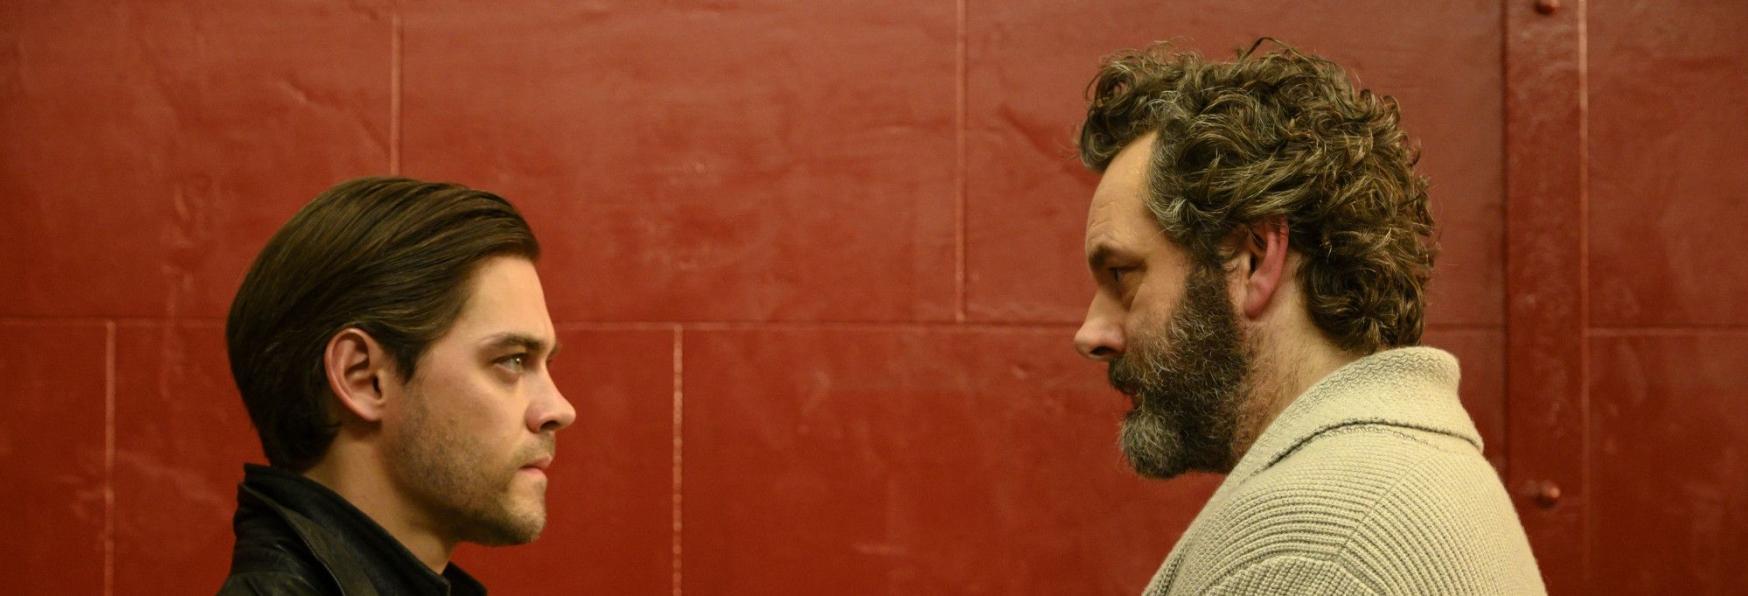 Prodigal Son: ci sono Speranze per una 3° Stagione della Serie TV?